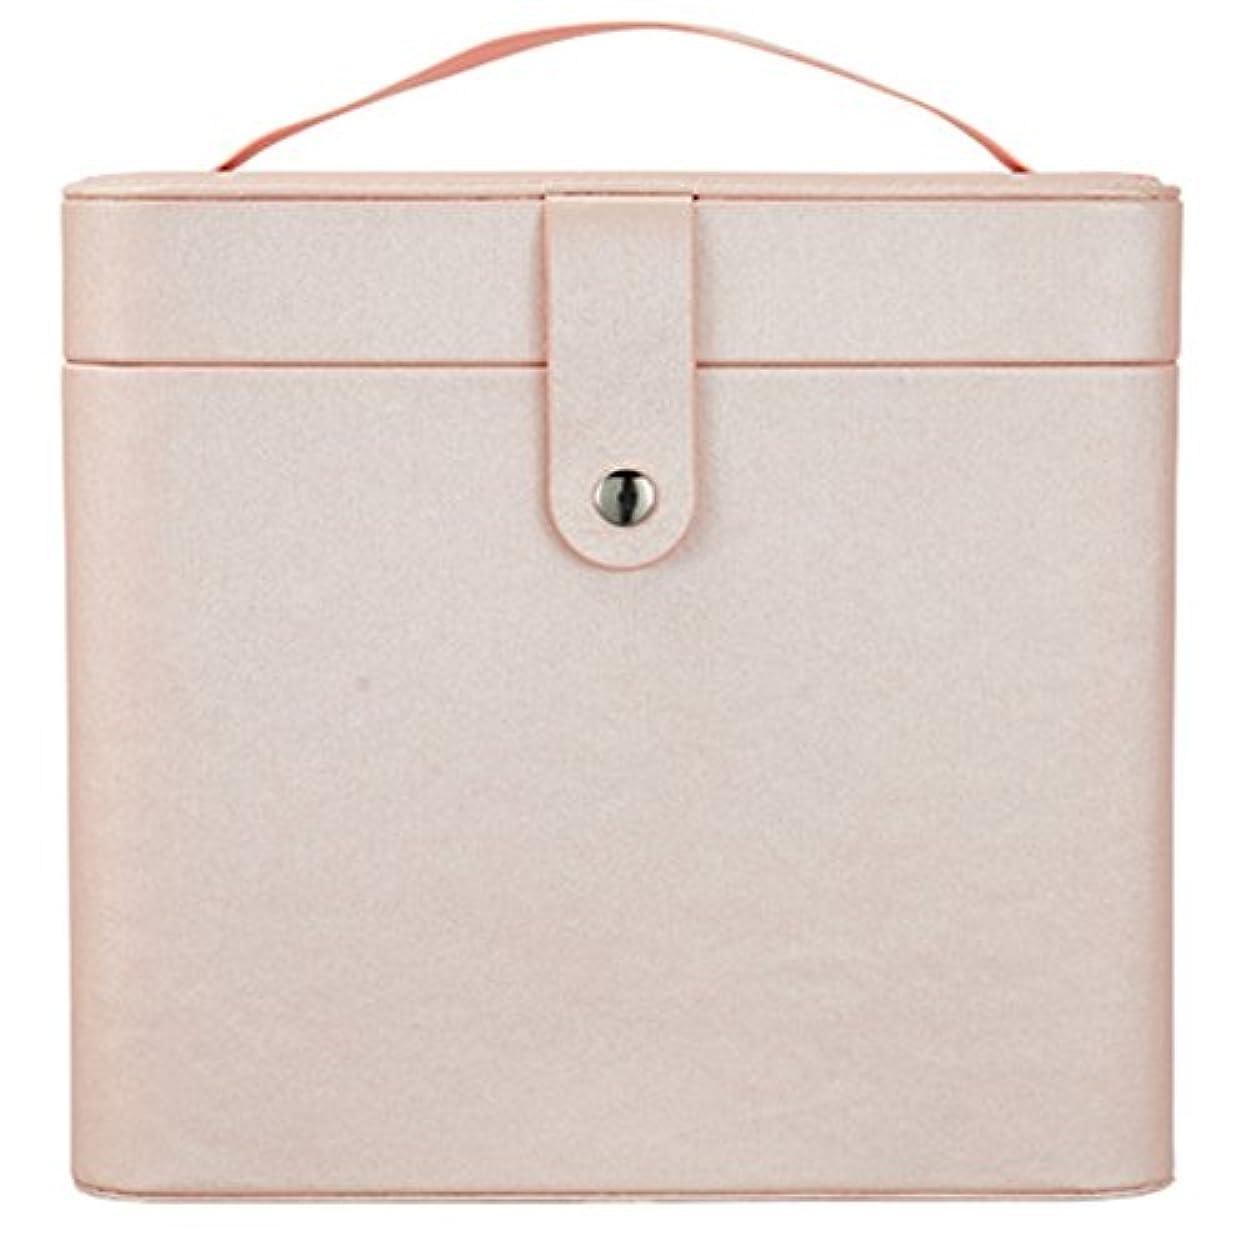 津波健康銀化粧オーガナイザーバッグ 裸のピンクのポータブル化粧品バッグ、美容メイクアップ用の小さなものの種類の旅行のための化粧鏡 化粧品ケース